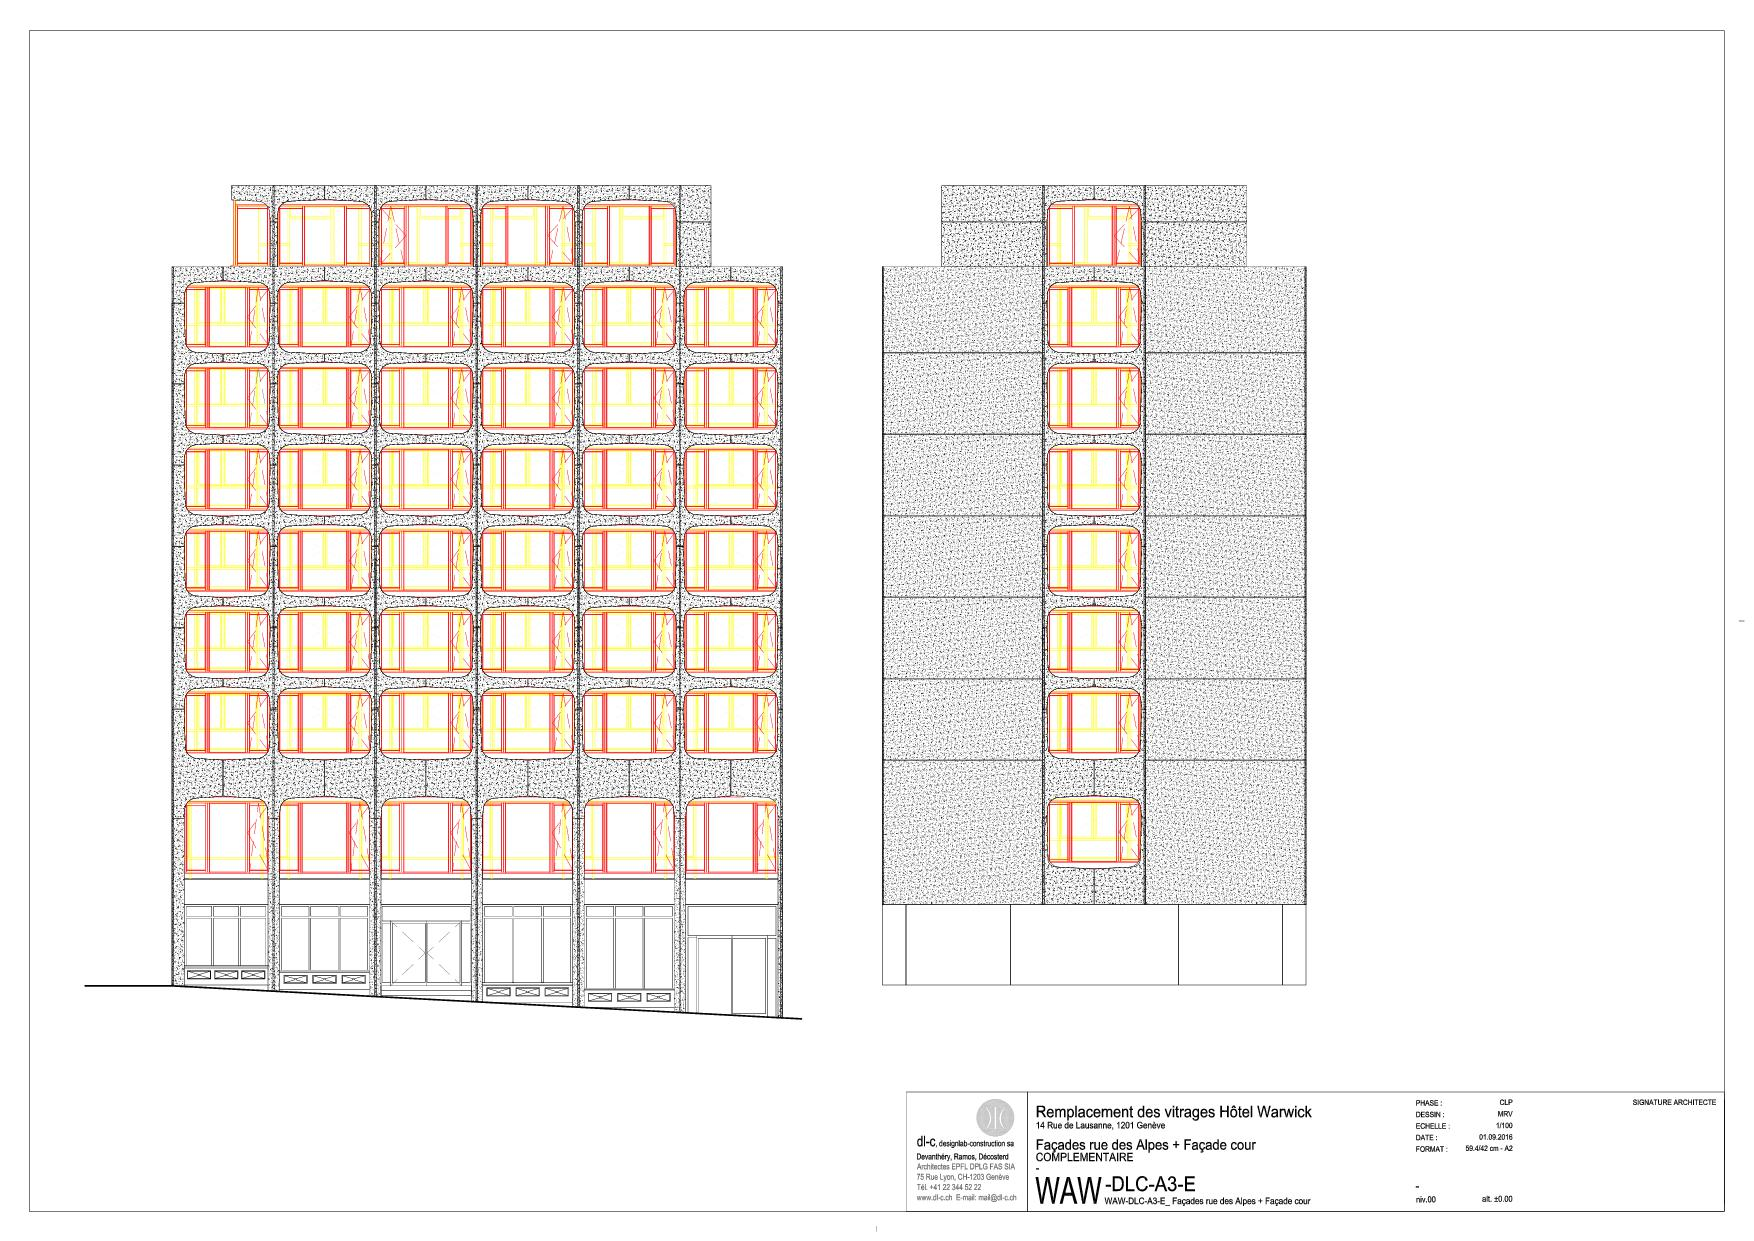 Fassade Rue des Alpes Fassadenrenovierung Hotel Warwick  von dl-c, designlab-construction sa